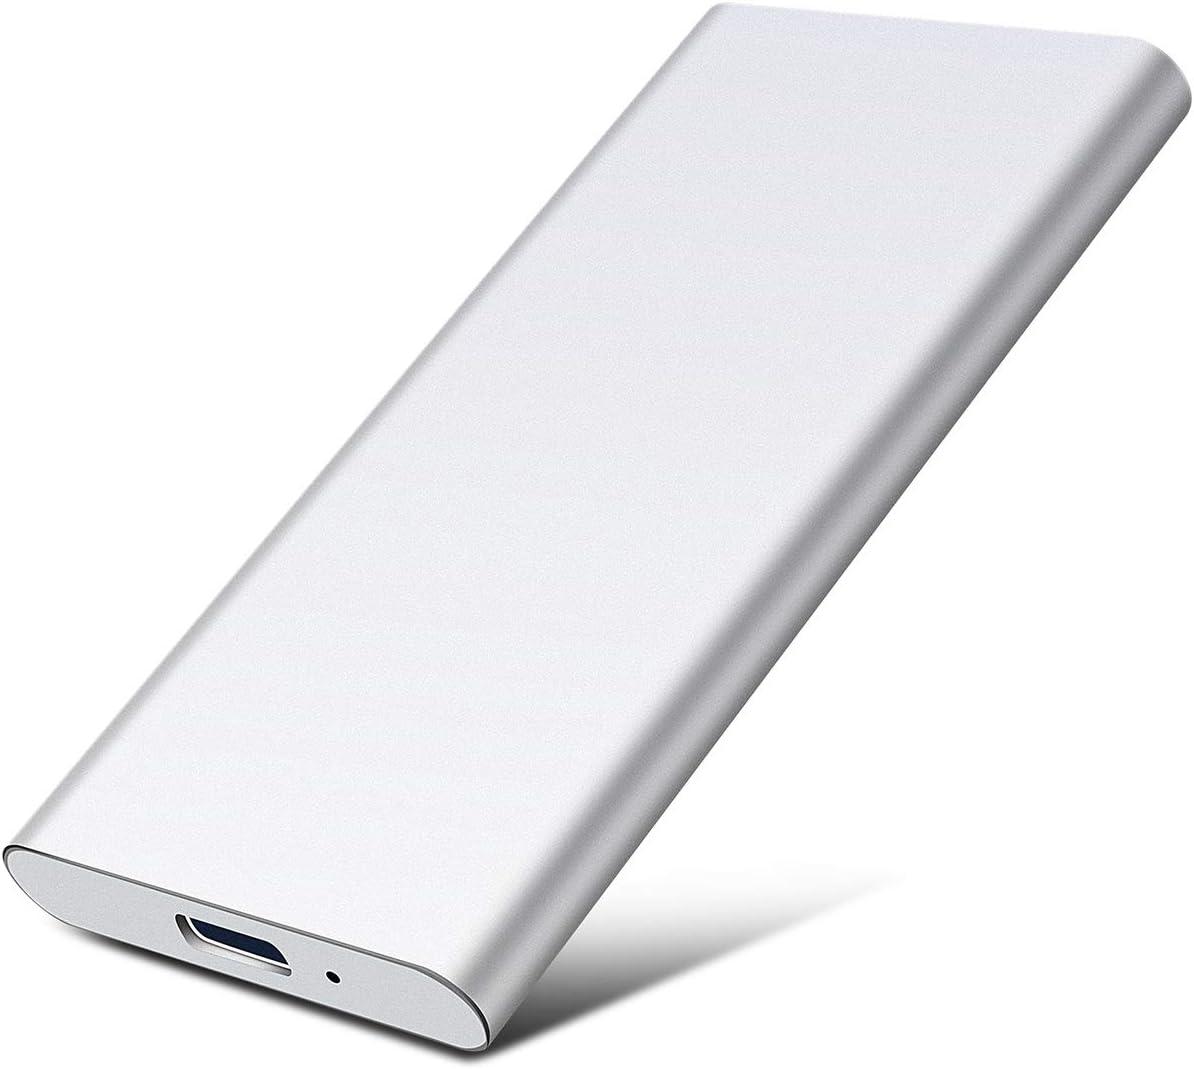 Type C USB3.1 Disco Duro Externo Met/álico HDD Port/átil para PC Disco Duro Externo 1 TB 1TB,Plata TV. Xbox One Desktop Laptop